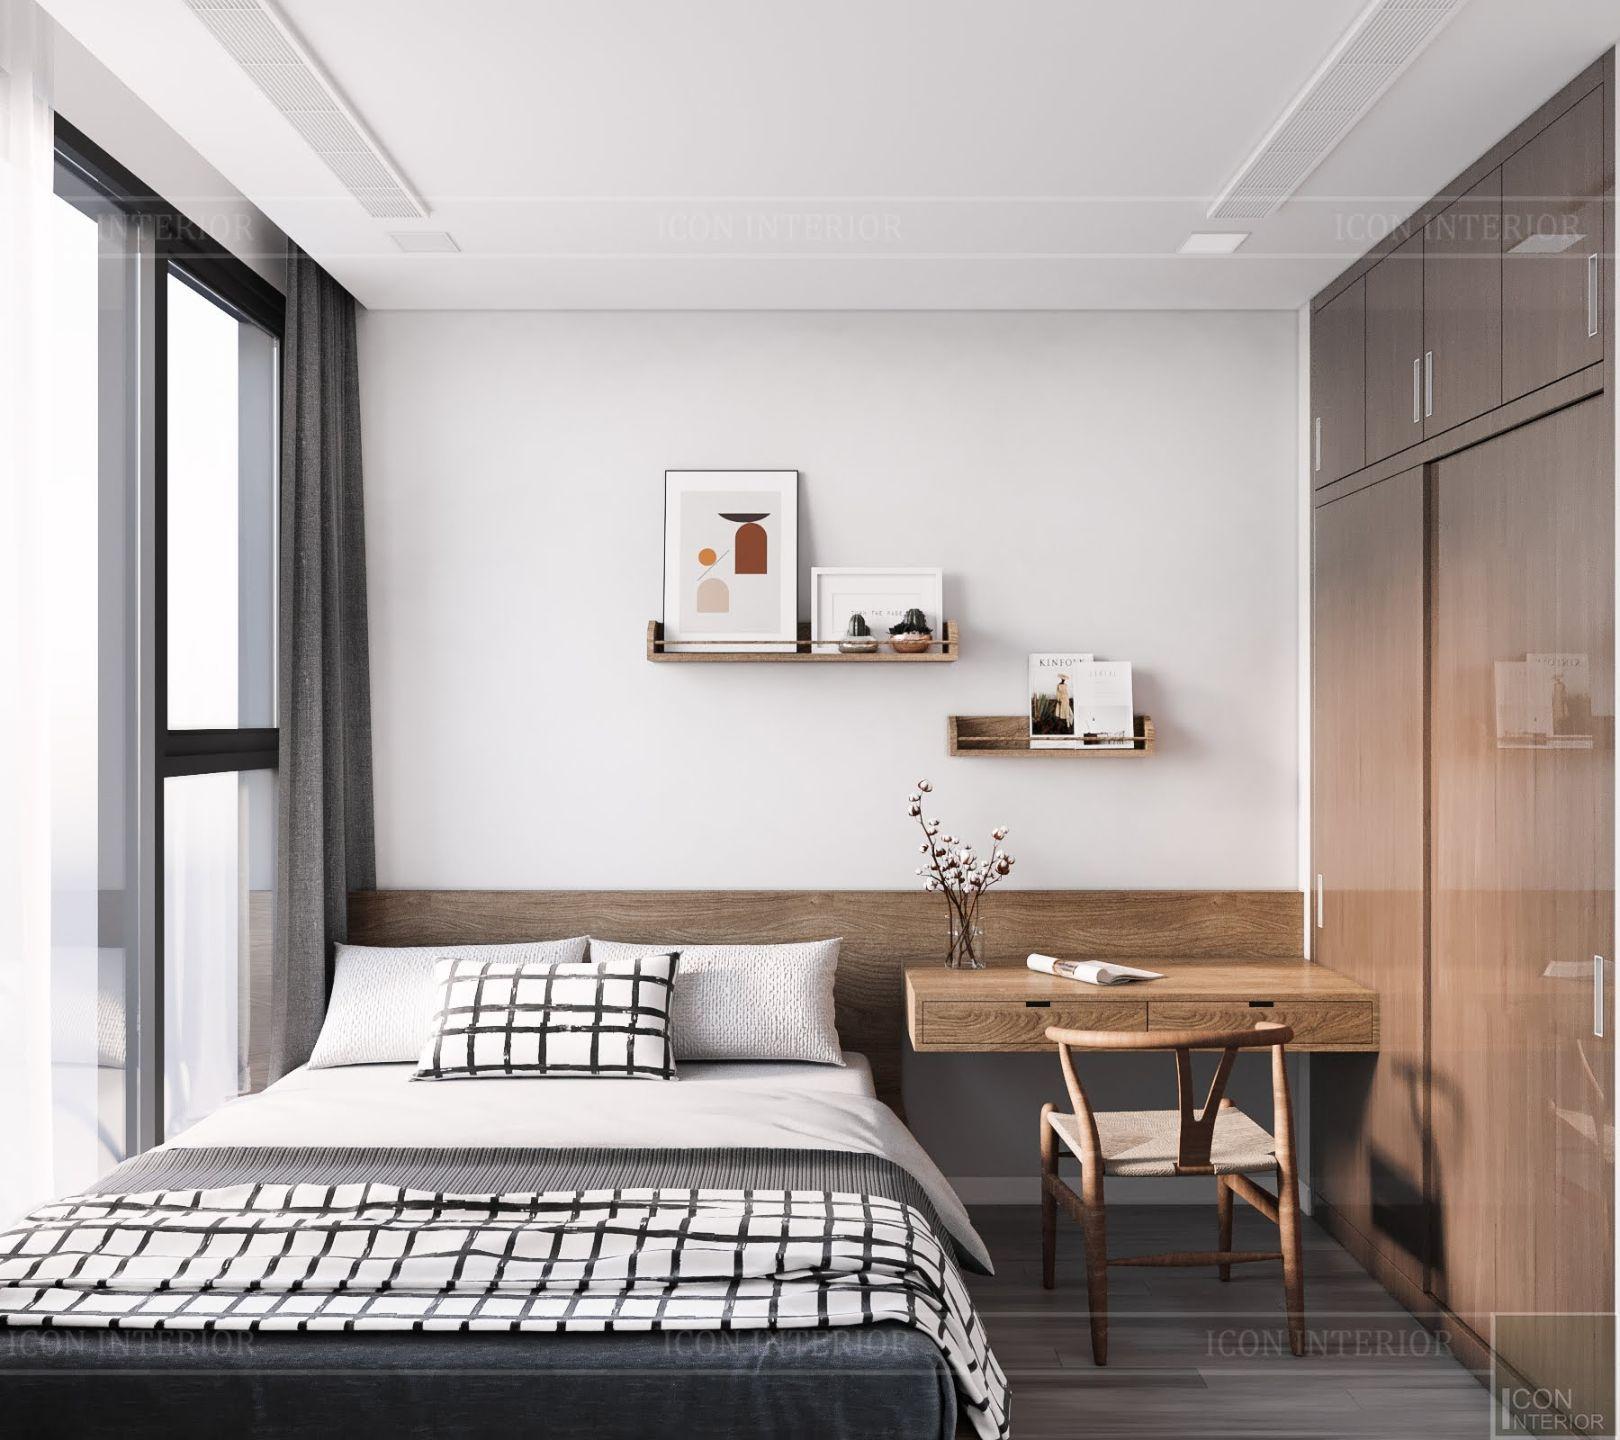 Thiết kế nội thất chung cư 2 phòng ngủ Vinhomes Bason - phòng ngủ